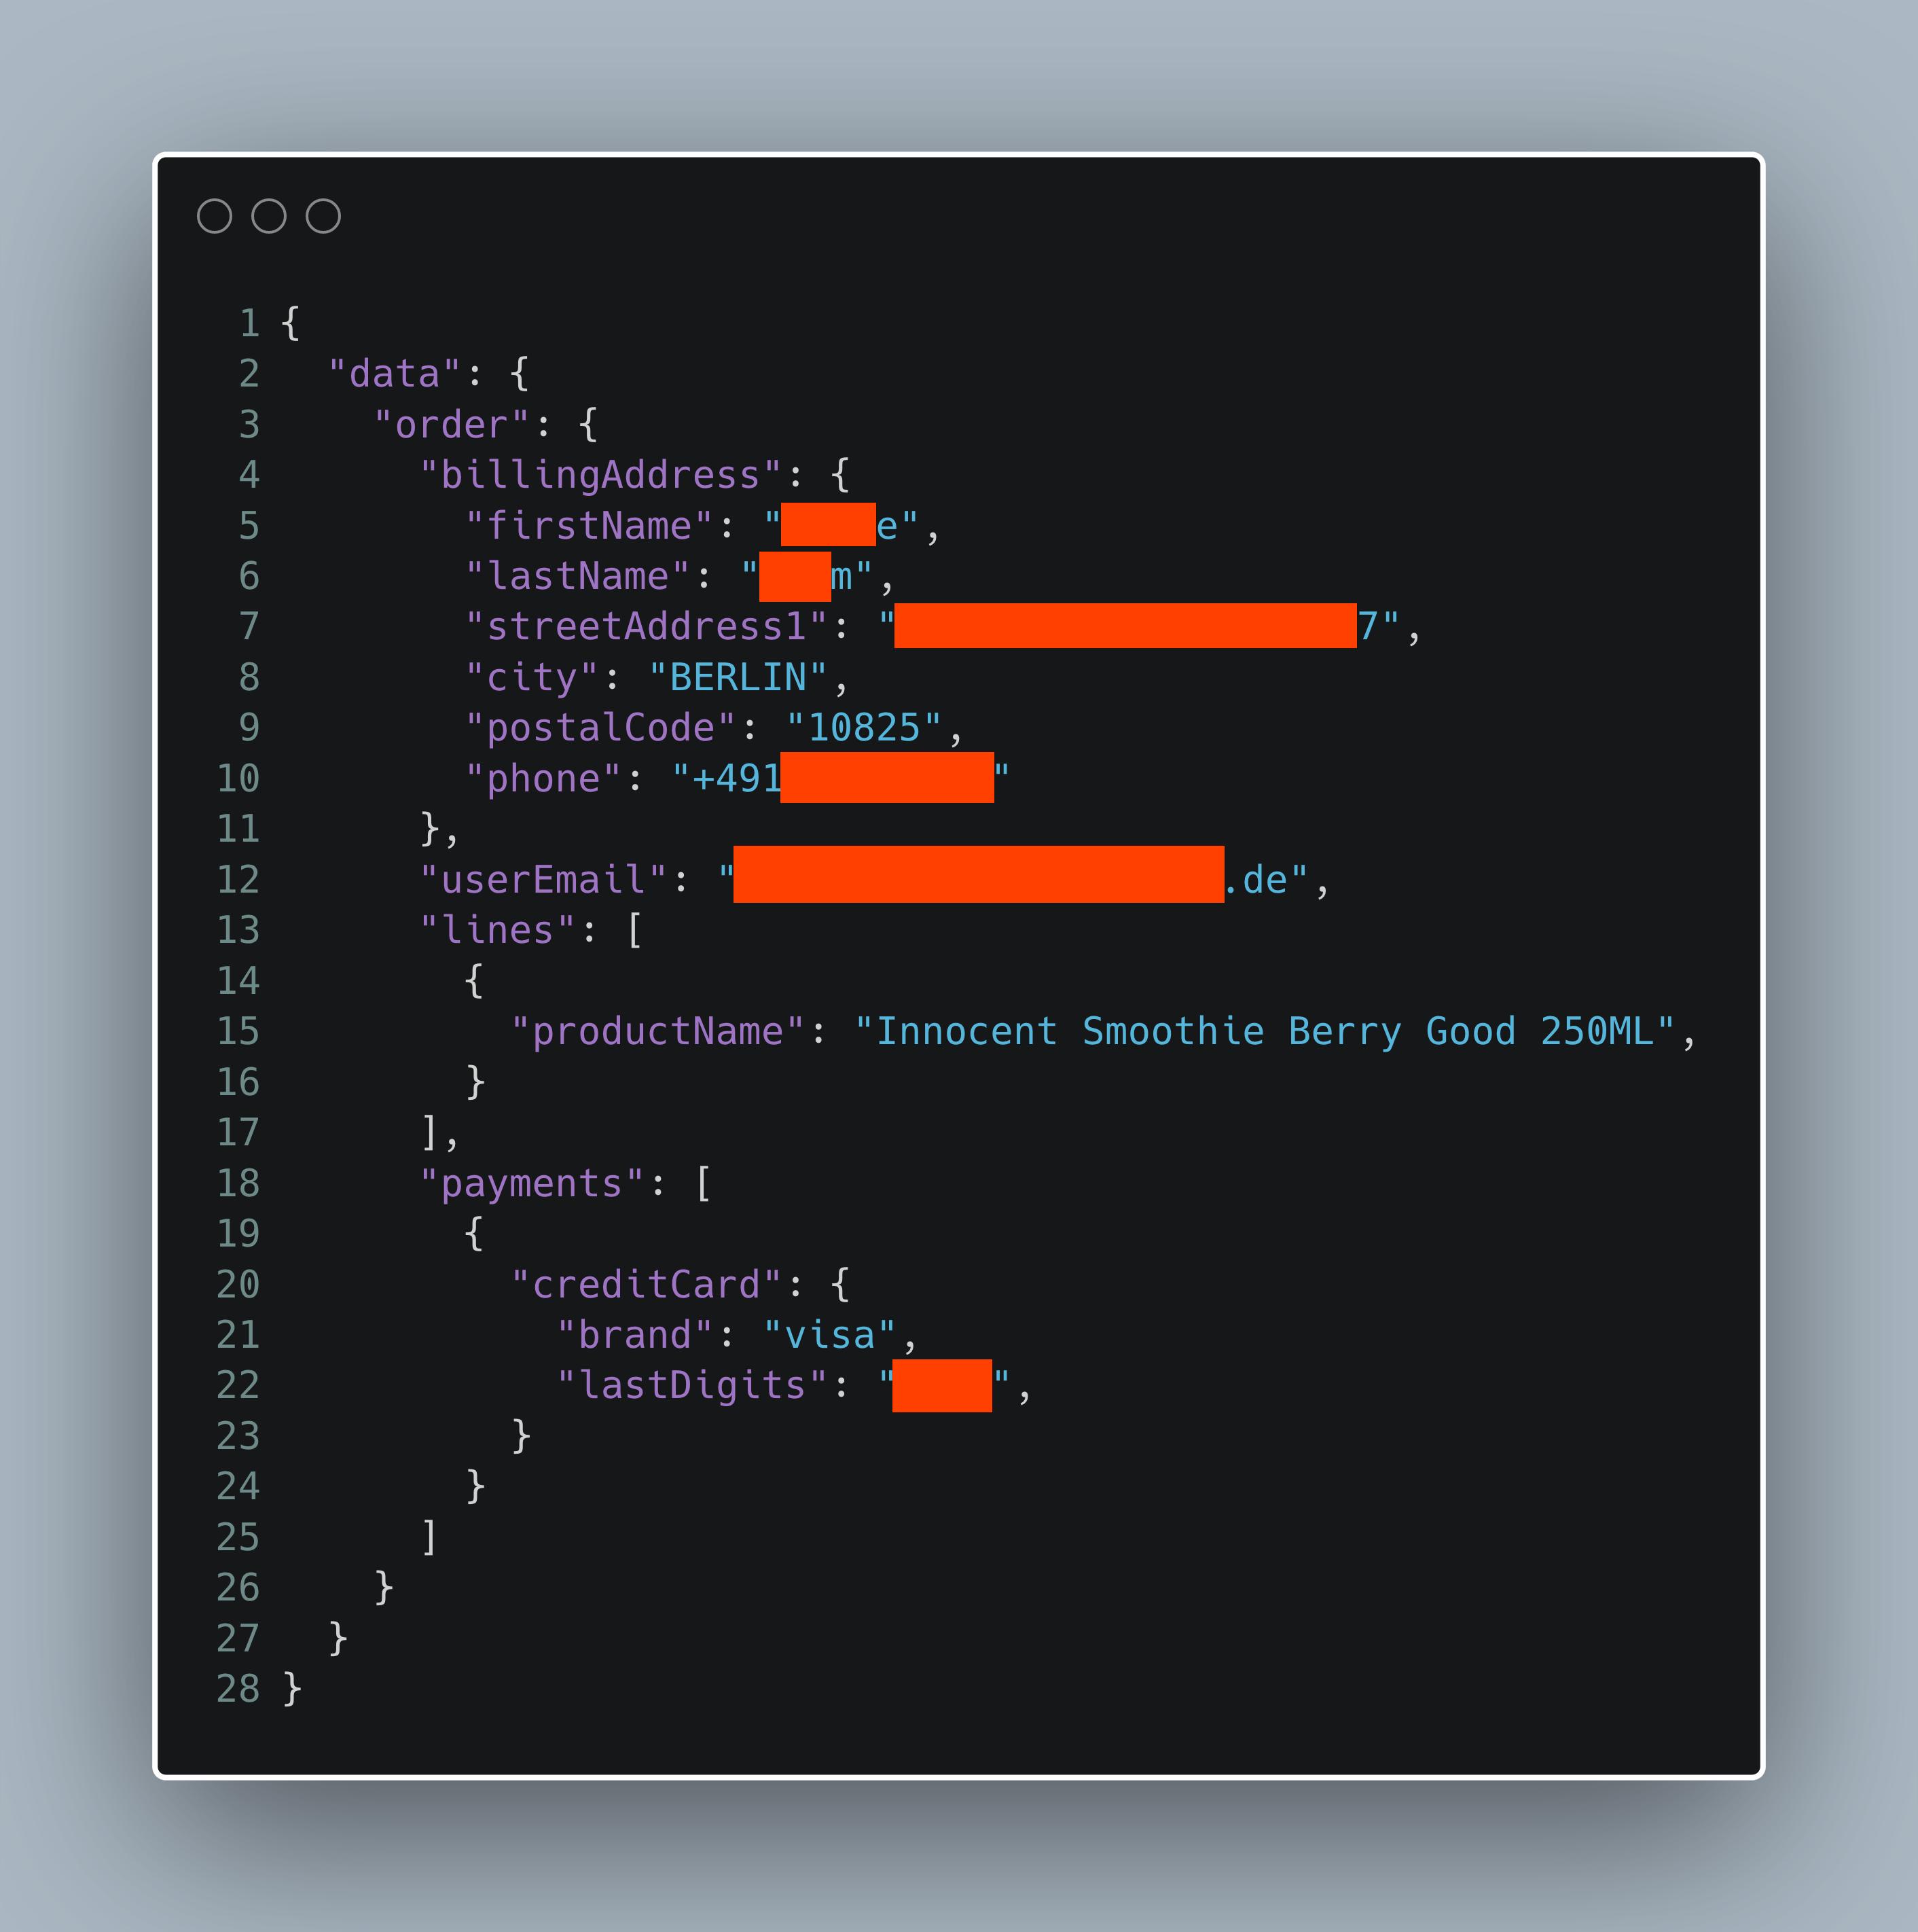 Zensierter Screenshot der JSON-Antwort einer Bestellung. Darin Name, Adresse, Telefonnummer, E-Mail, letzte 4 Stellen der Kreditkarte und was bestellt wurde.